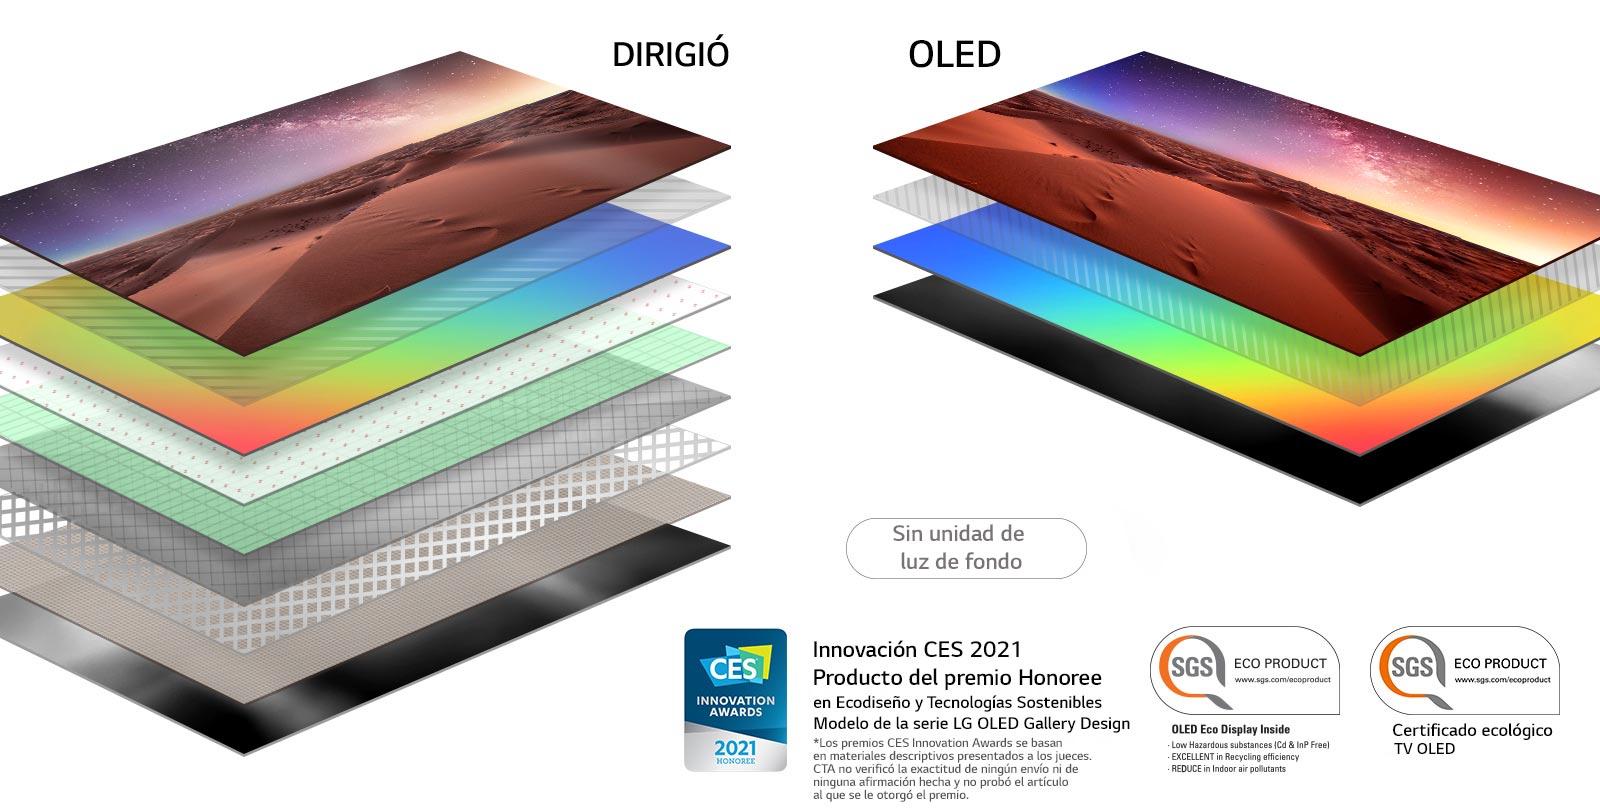 Comparación entre la composición de la capa de la pantalla del televisor LED retroiluminado y el televisor OLED autoiluminado (reproducir el vídeo)